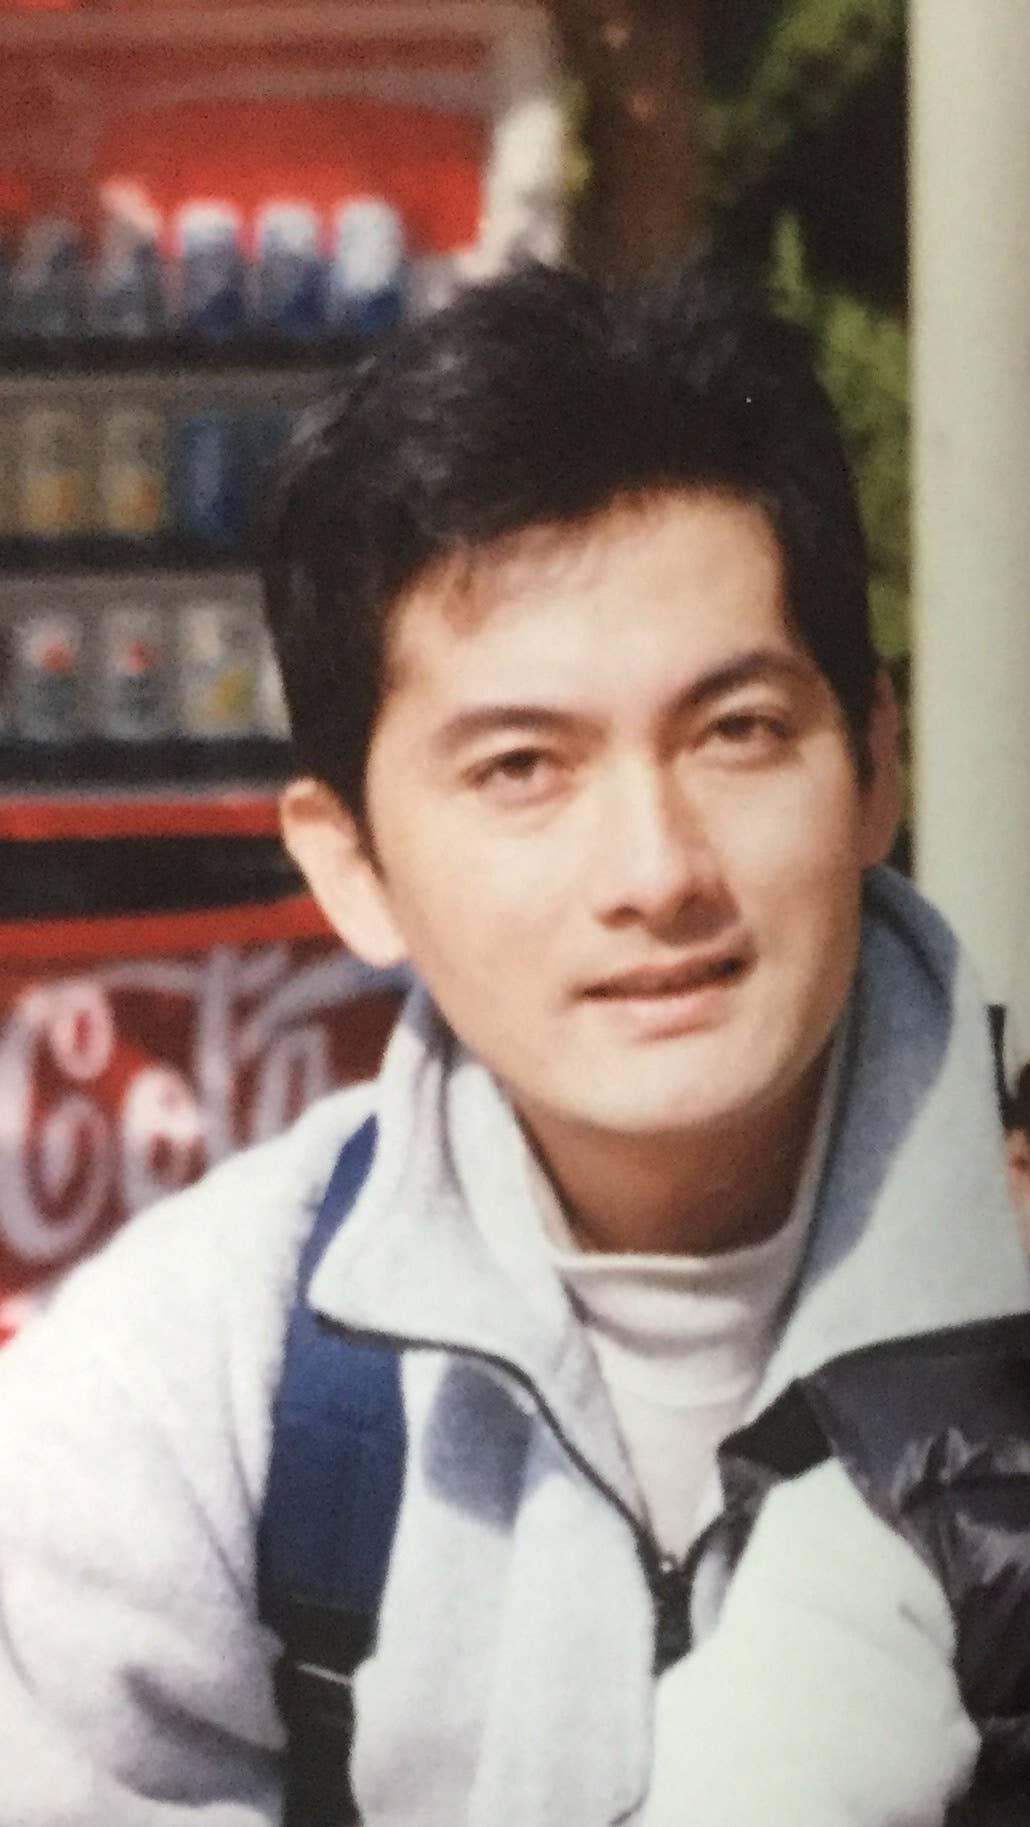 Michihiko Nomura